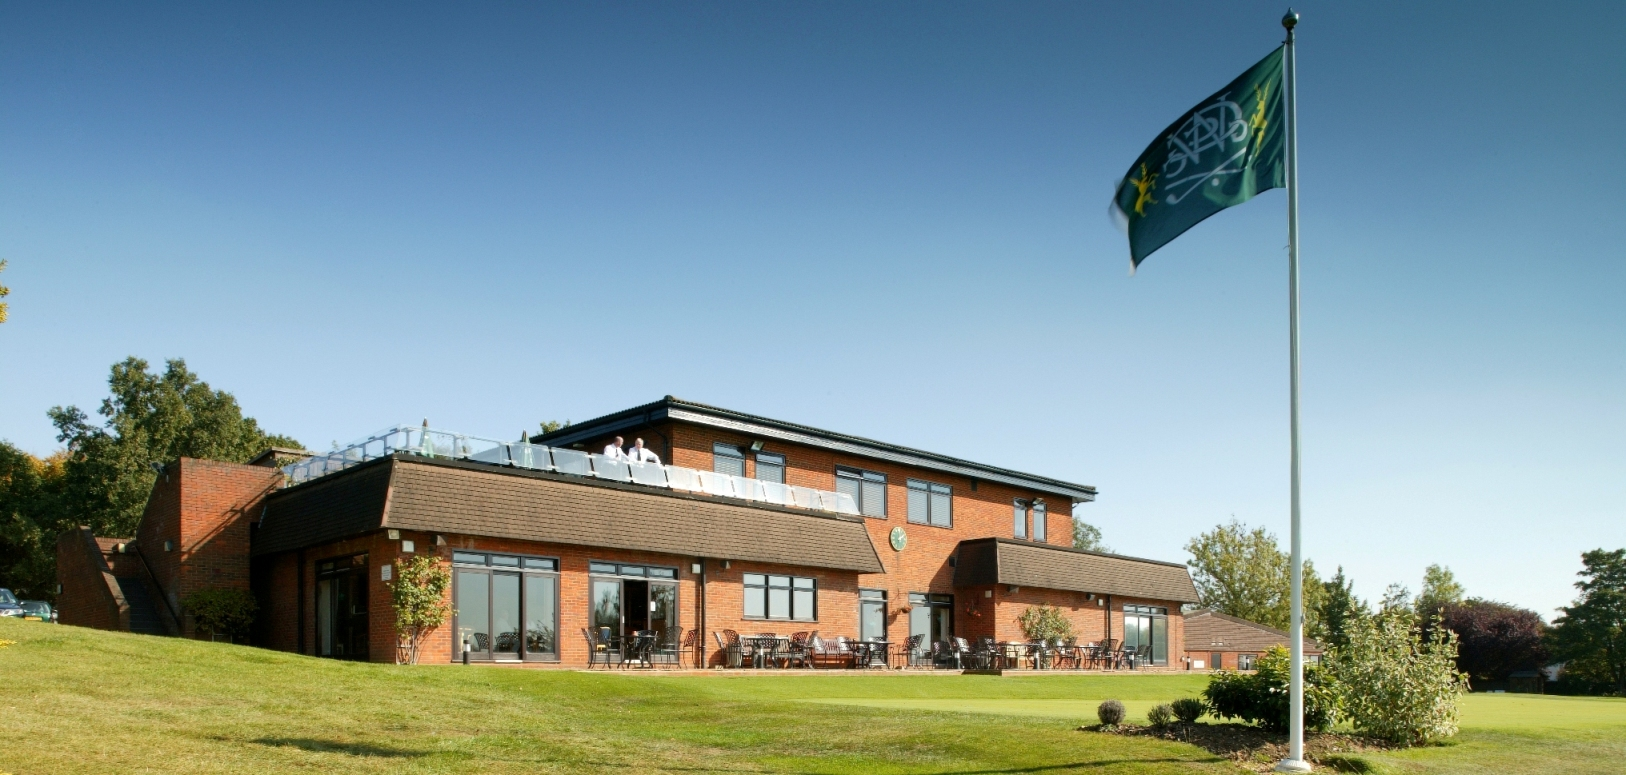 Welwyn Garden City Golf Club